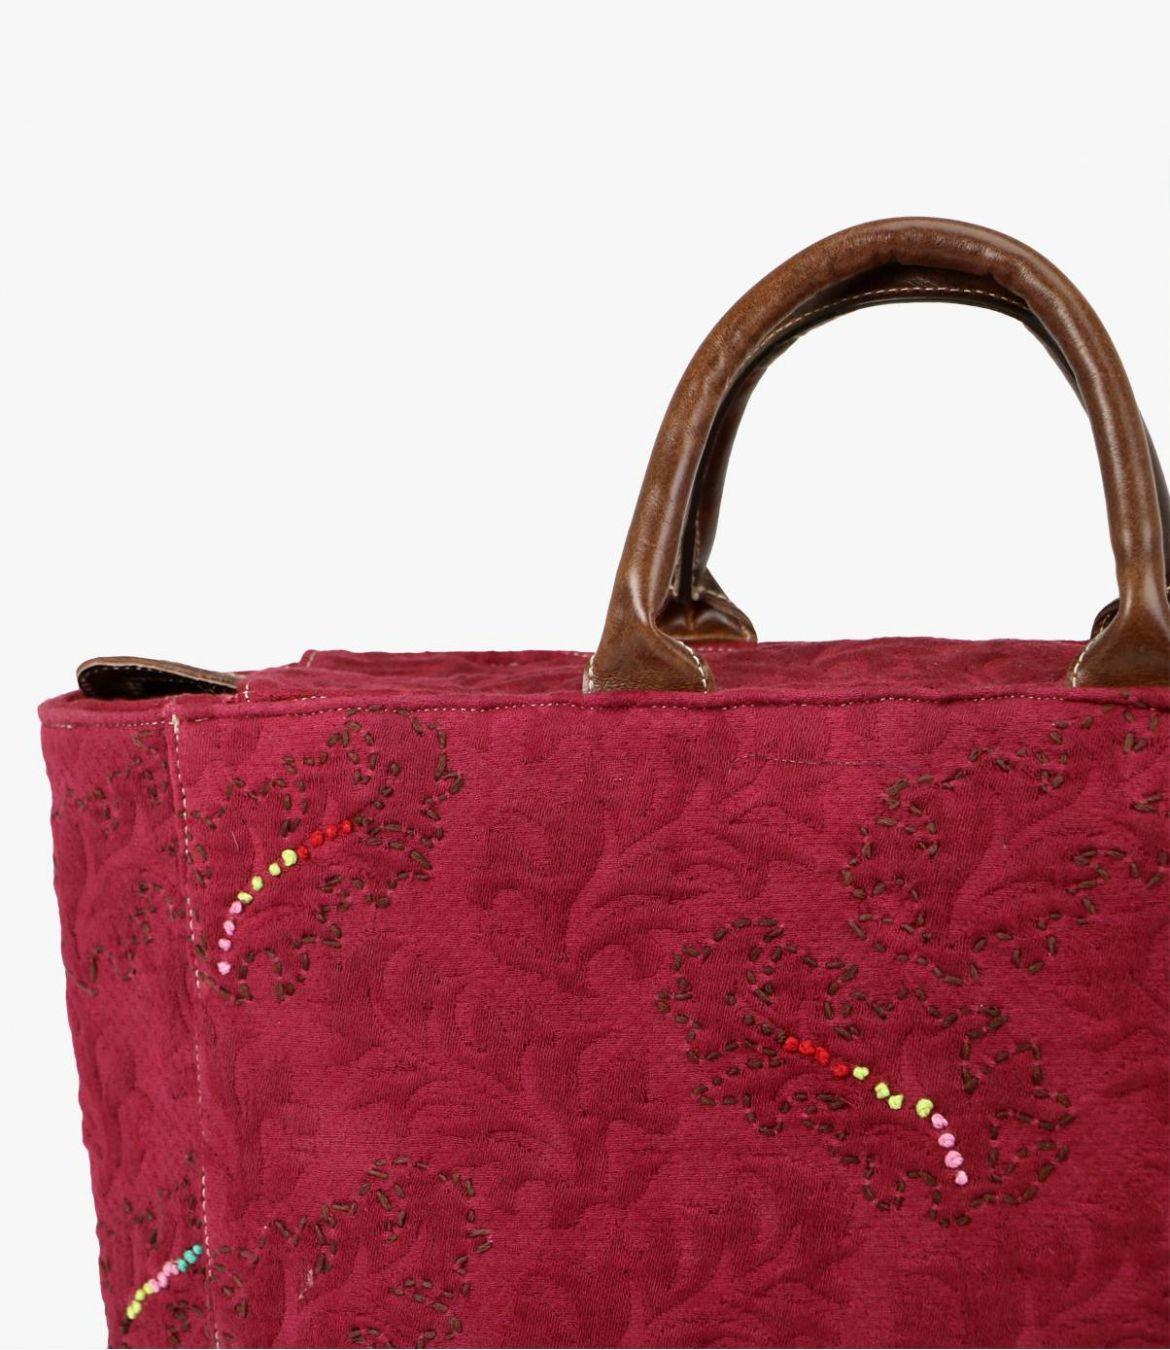 CITY - GAMME VILLE Sac en Coton, Cuir pour Femme 38x32x15cm Storiatipic - 8